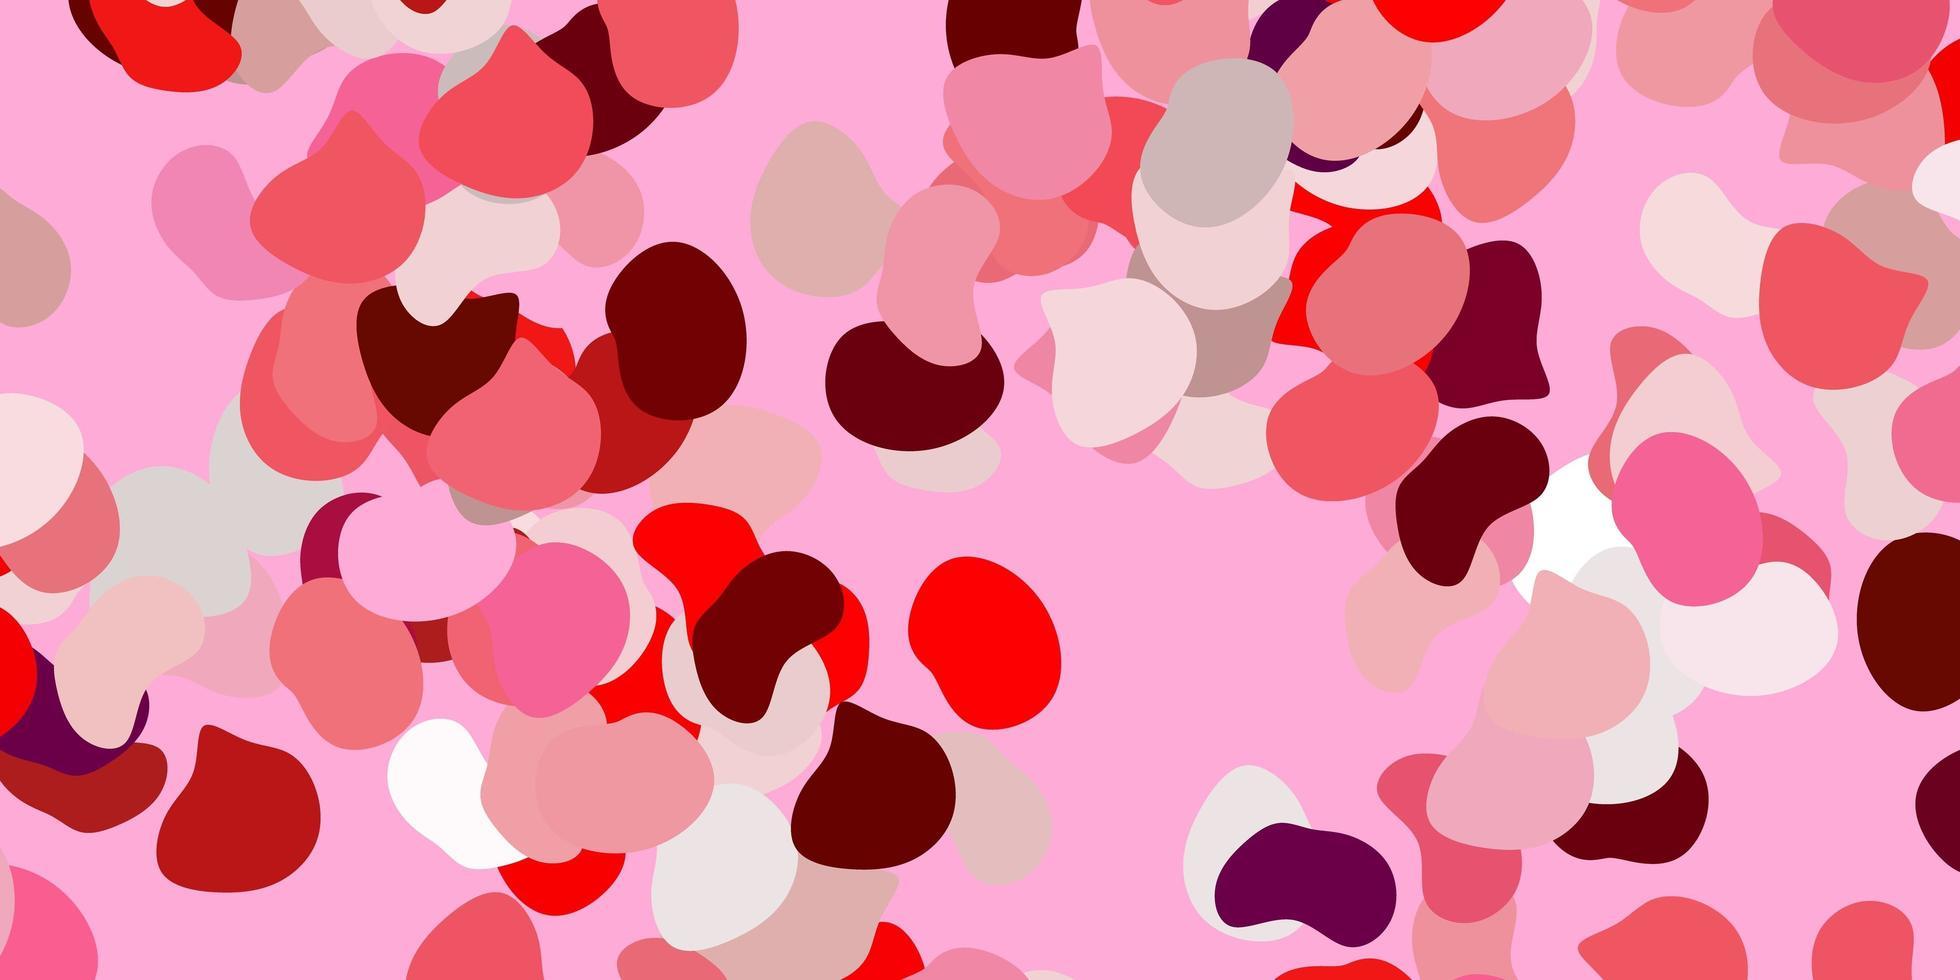 ljusrosa, röd vektorbakgrund med slumpmässiga former. vektor